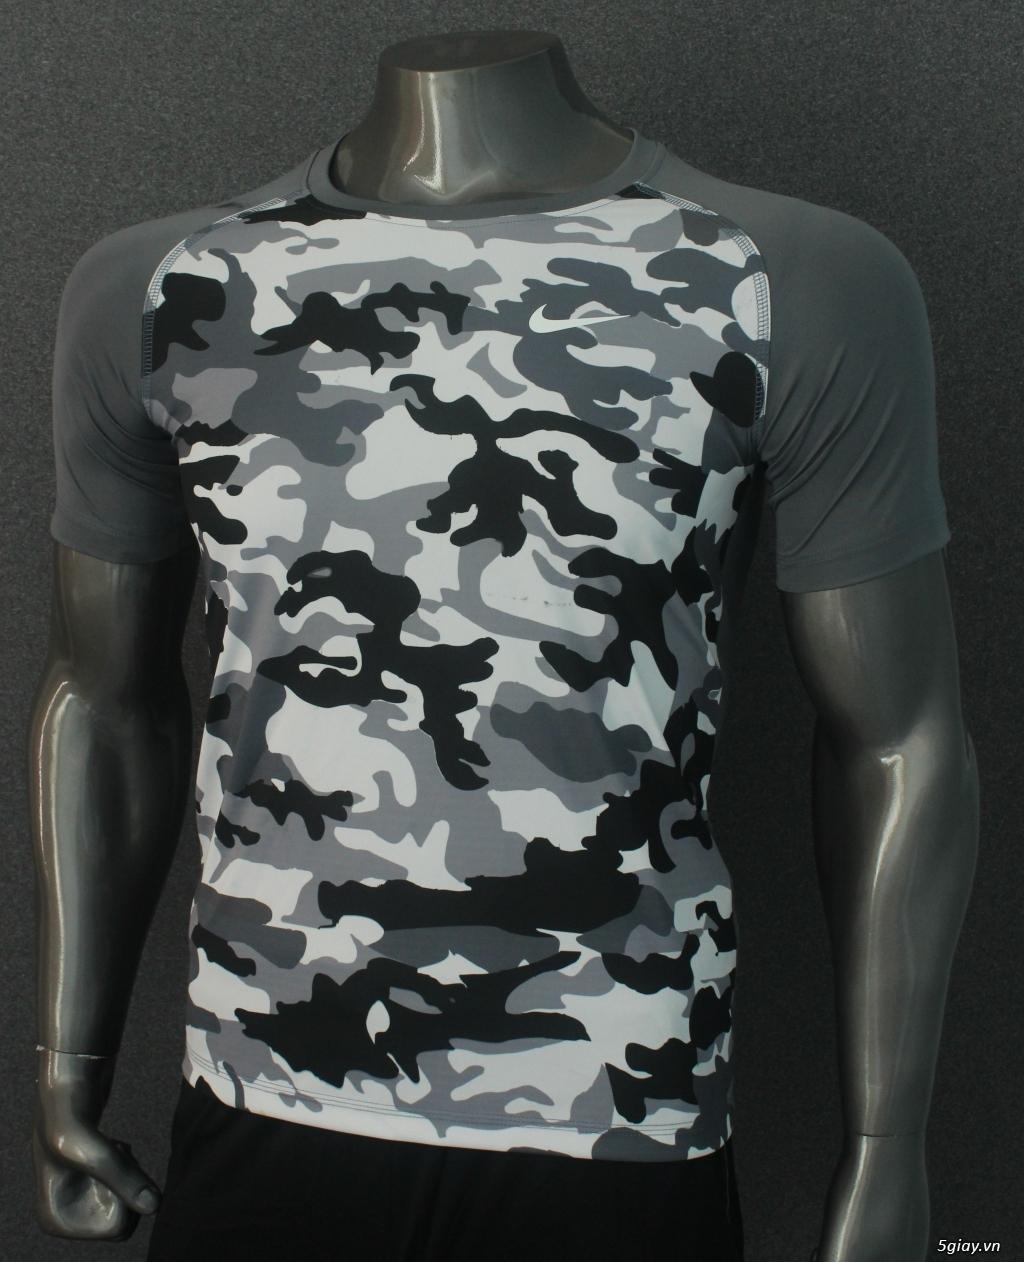 Chuyên cung cấp quần áo thể thao Adidas,Nike,Under Armour,Puma...trên Toàn Quốc giá xưởng - 11